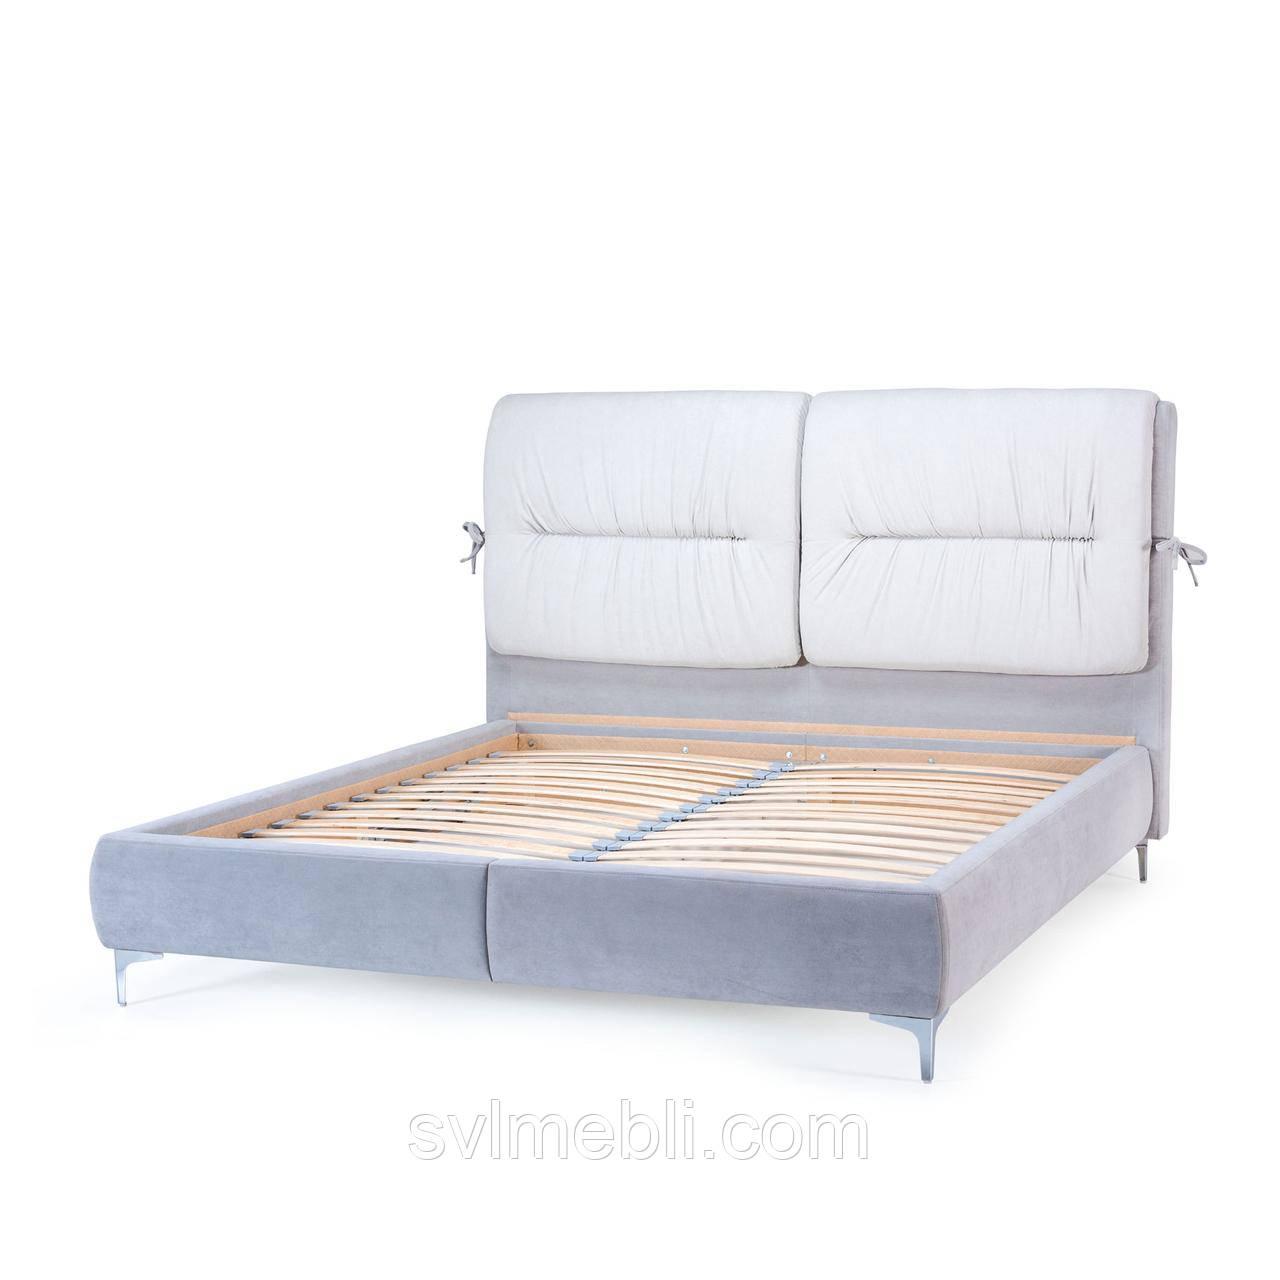 Кровать Долли, велюр серый